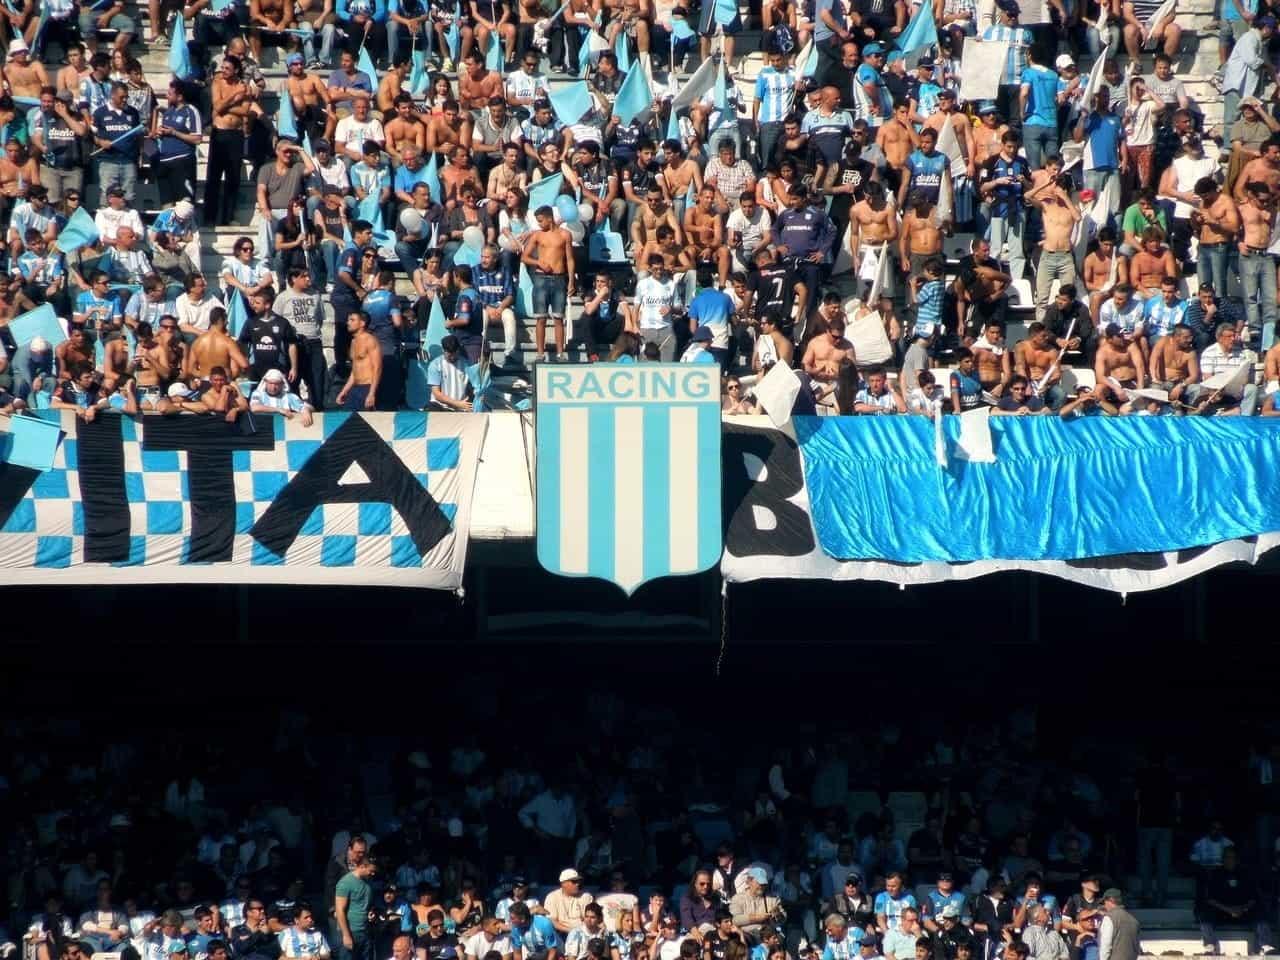 Fans yang mengenakan warna bendera tradisional Argentina memenuhi arena yang ramai untuk menonton pertandingan sepak bola.